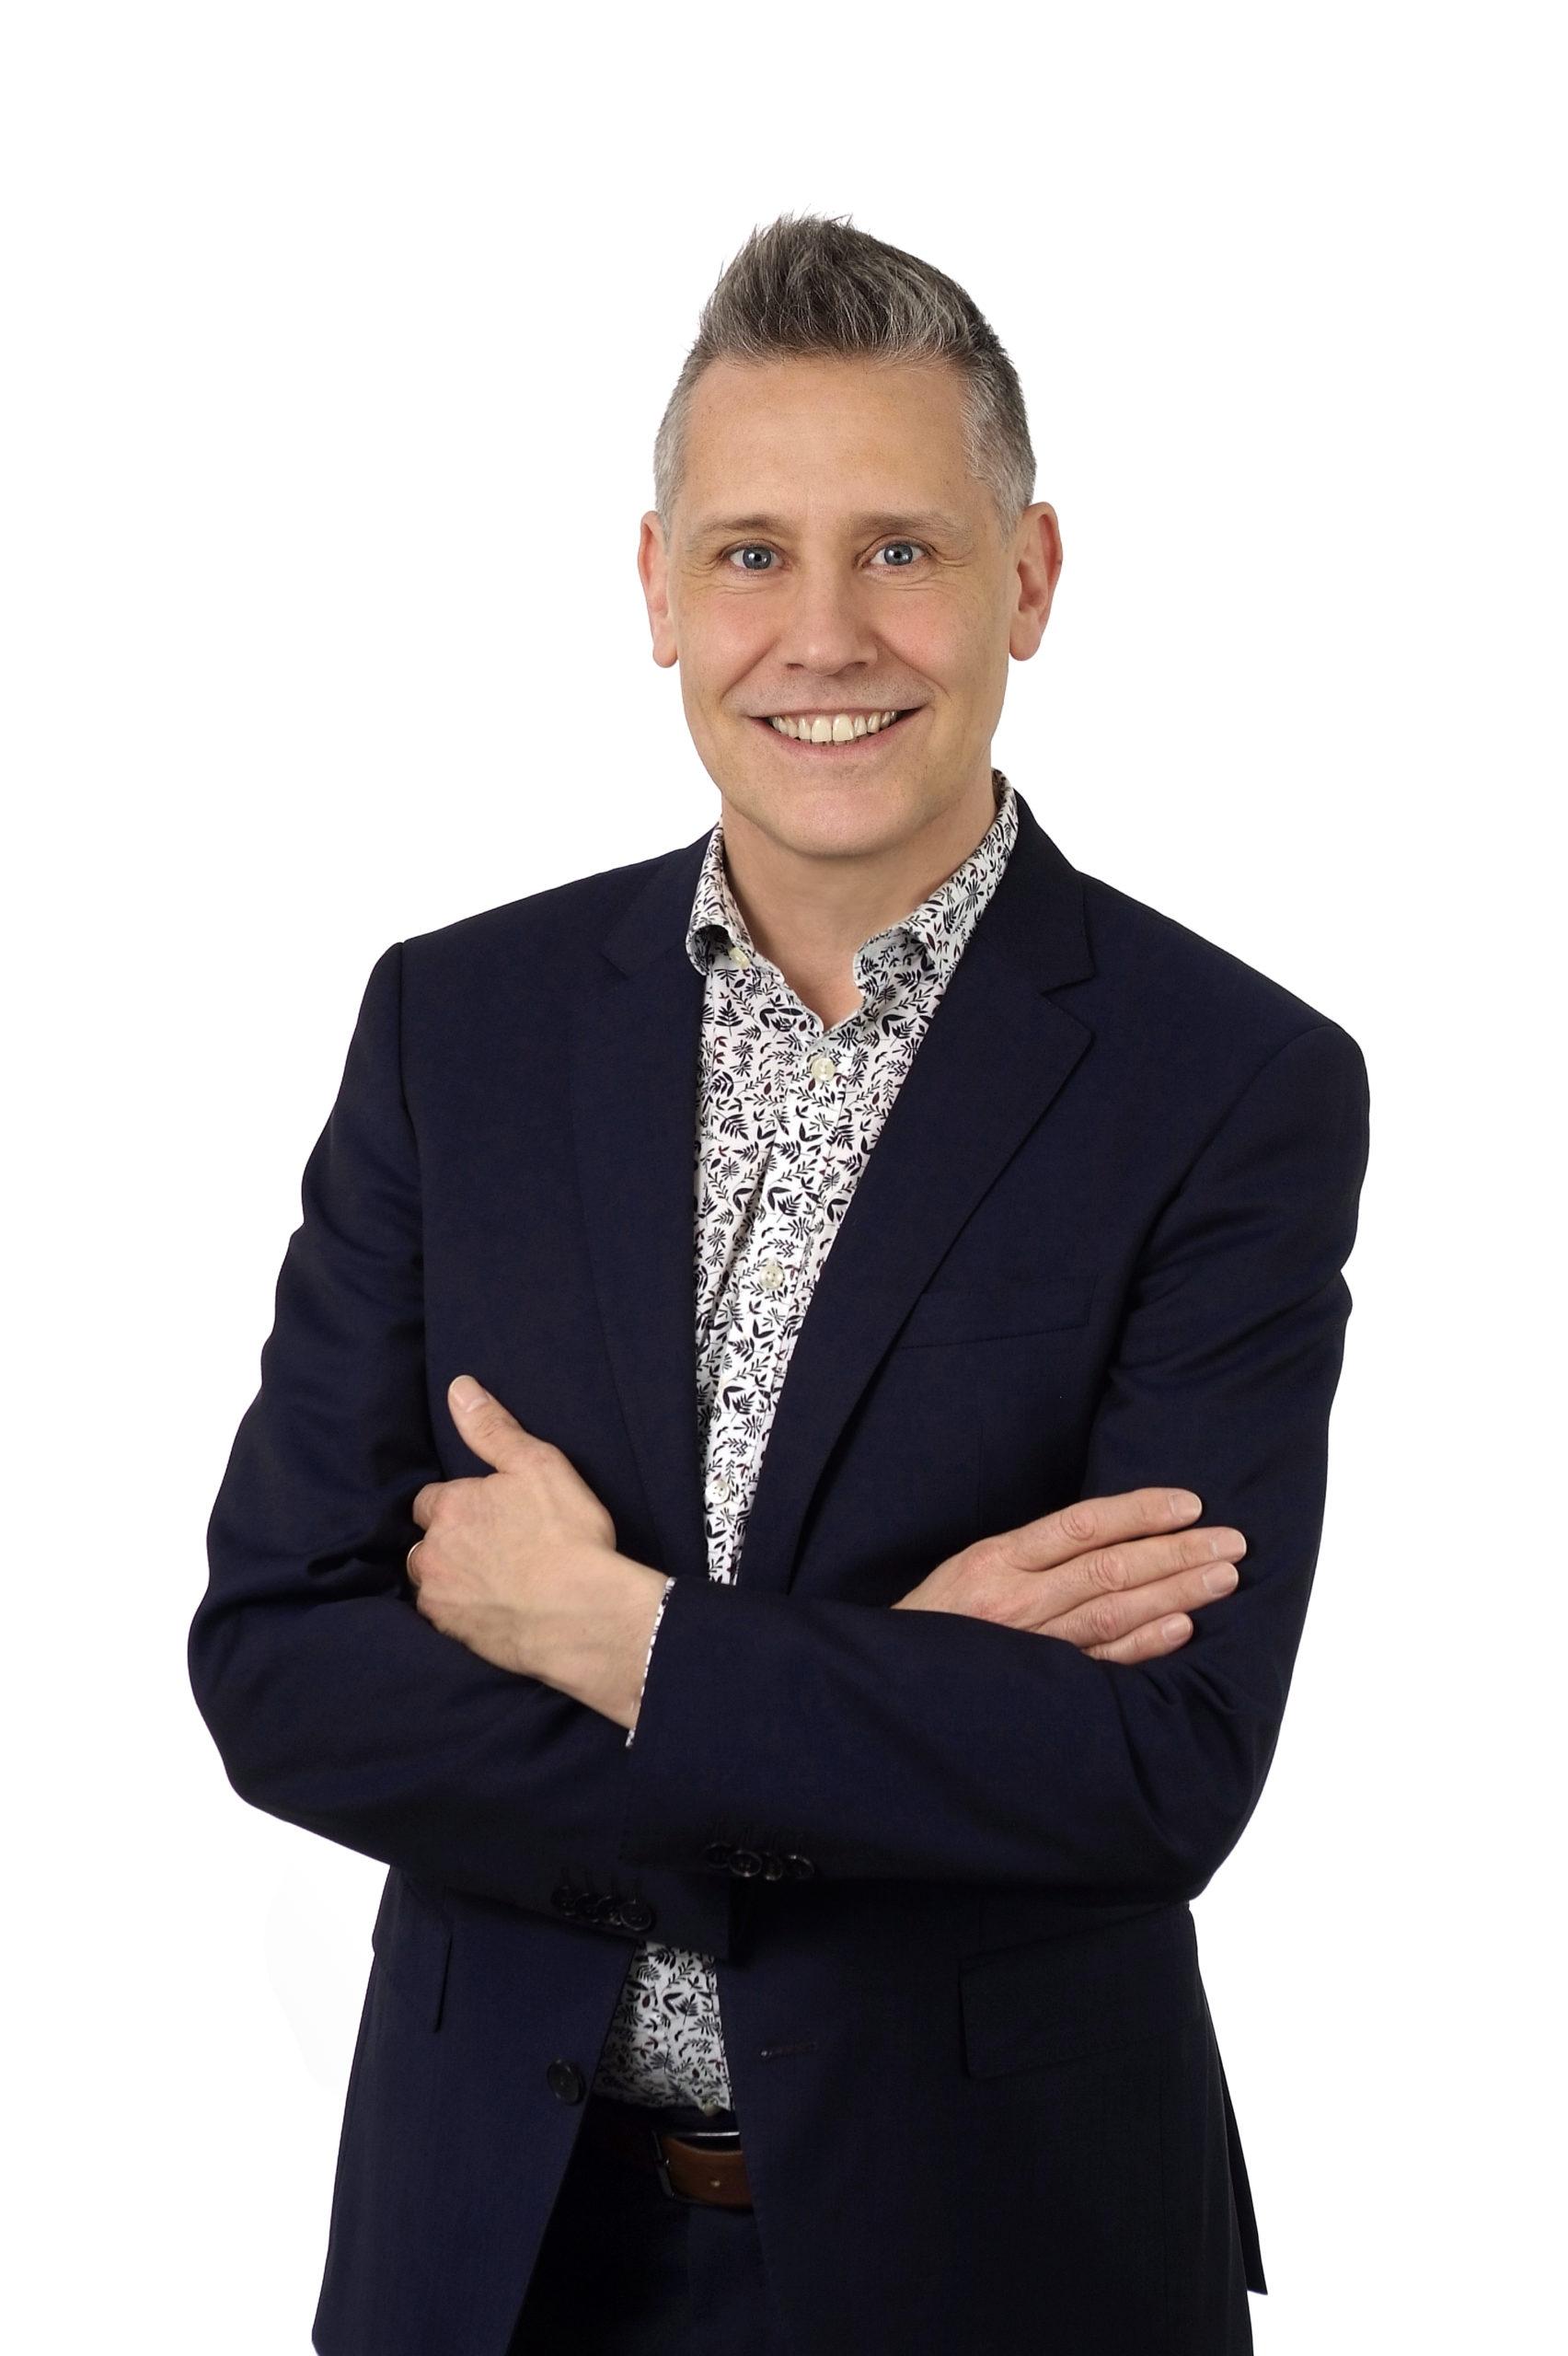 Stefan Burkhardt steht lächelnd neben den nachfolgenden Themen